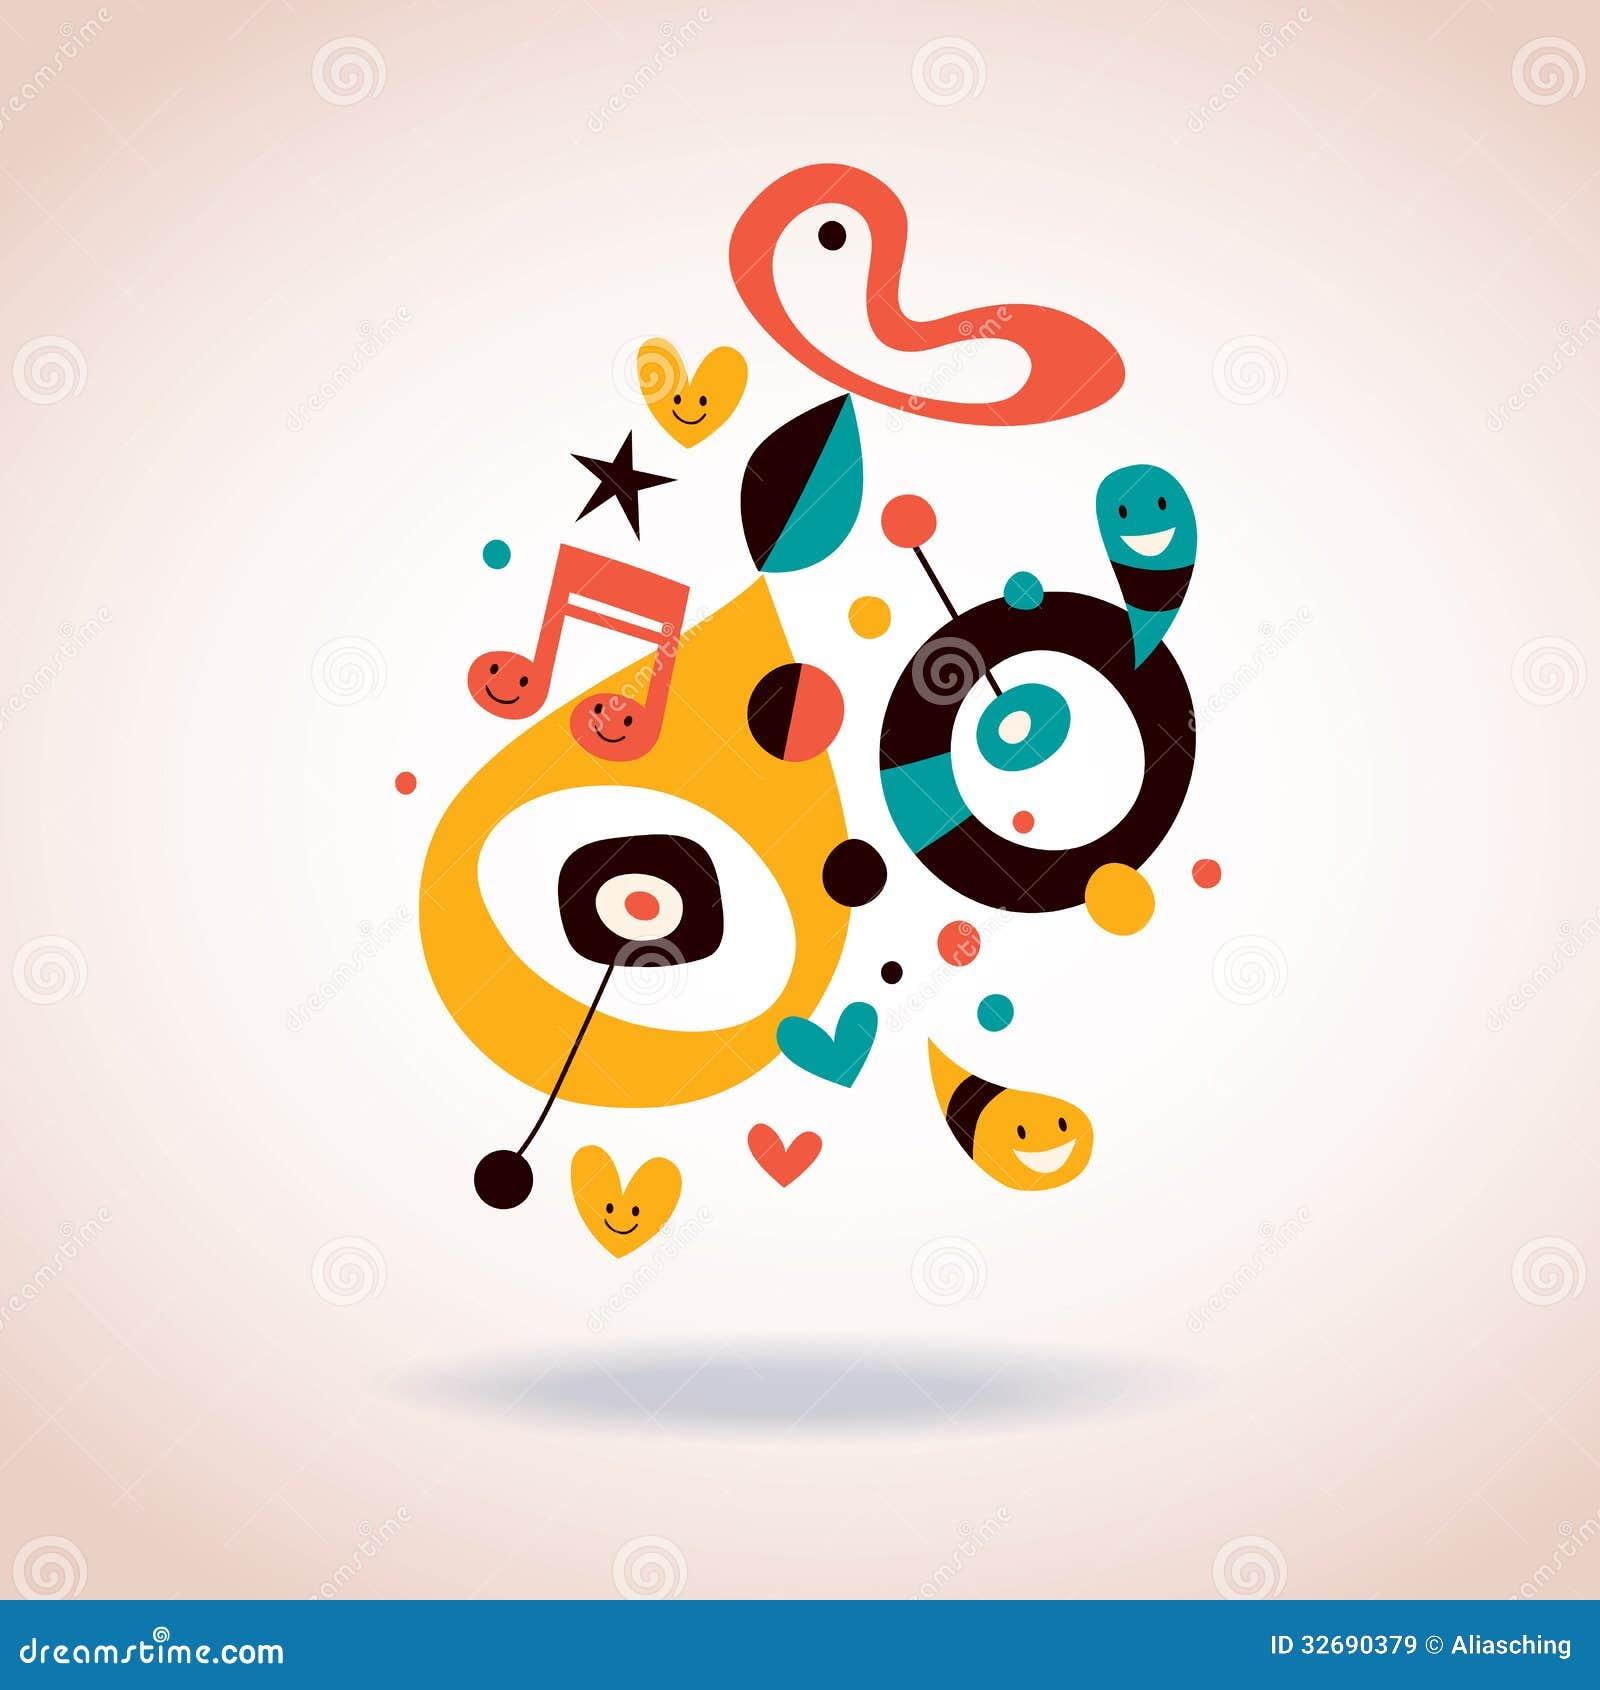 Art Illustration: Abstract Art Illustration Stock Vector. Image Of Joyful